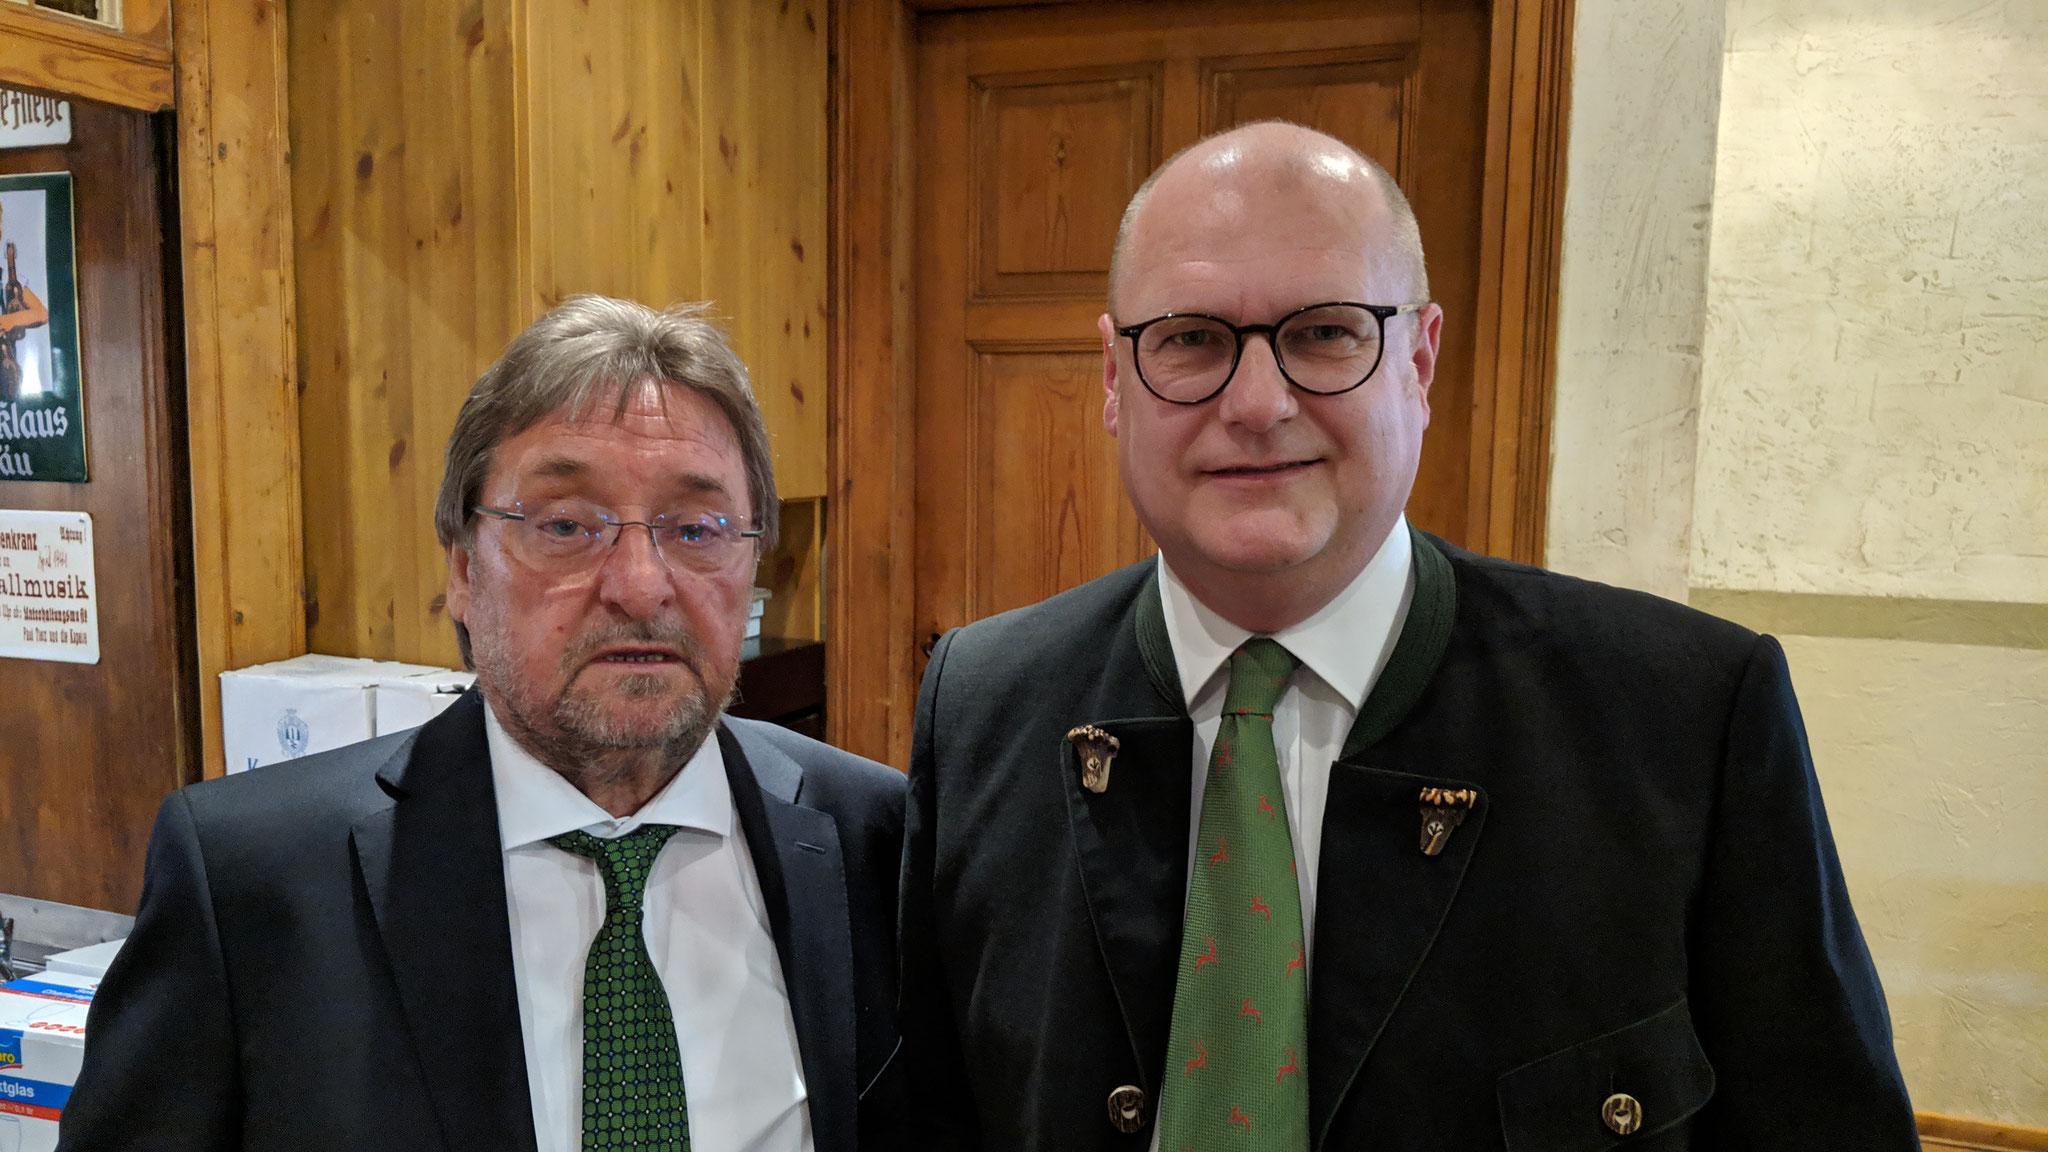 Werner Sinast - stellv. Vorsitzender der JS SBK und Jens Hennicke  - Kreisjägermeister des Salzlandes